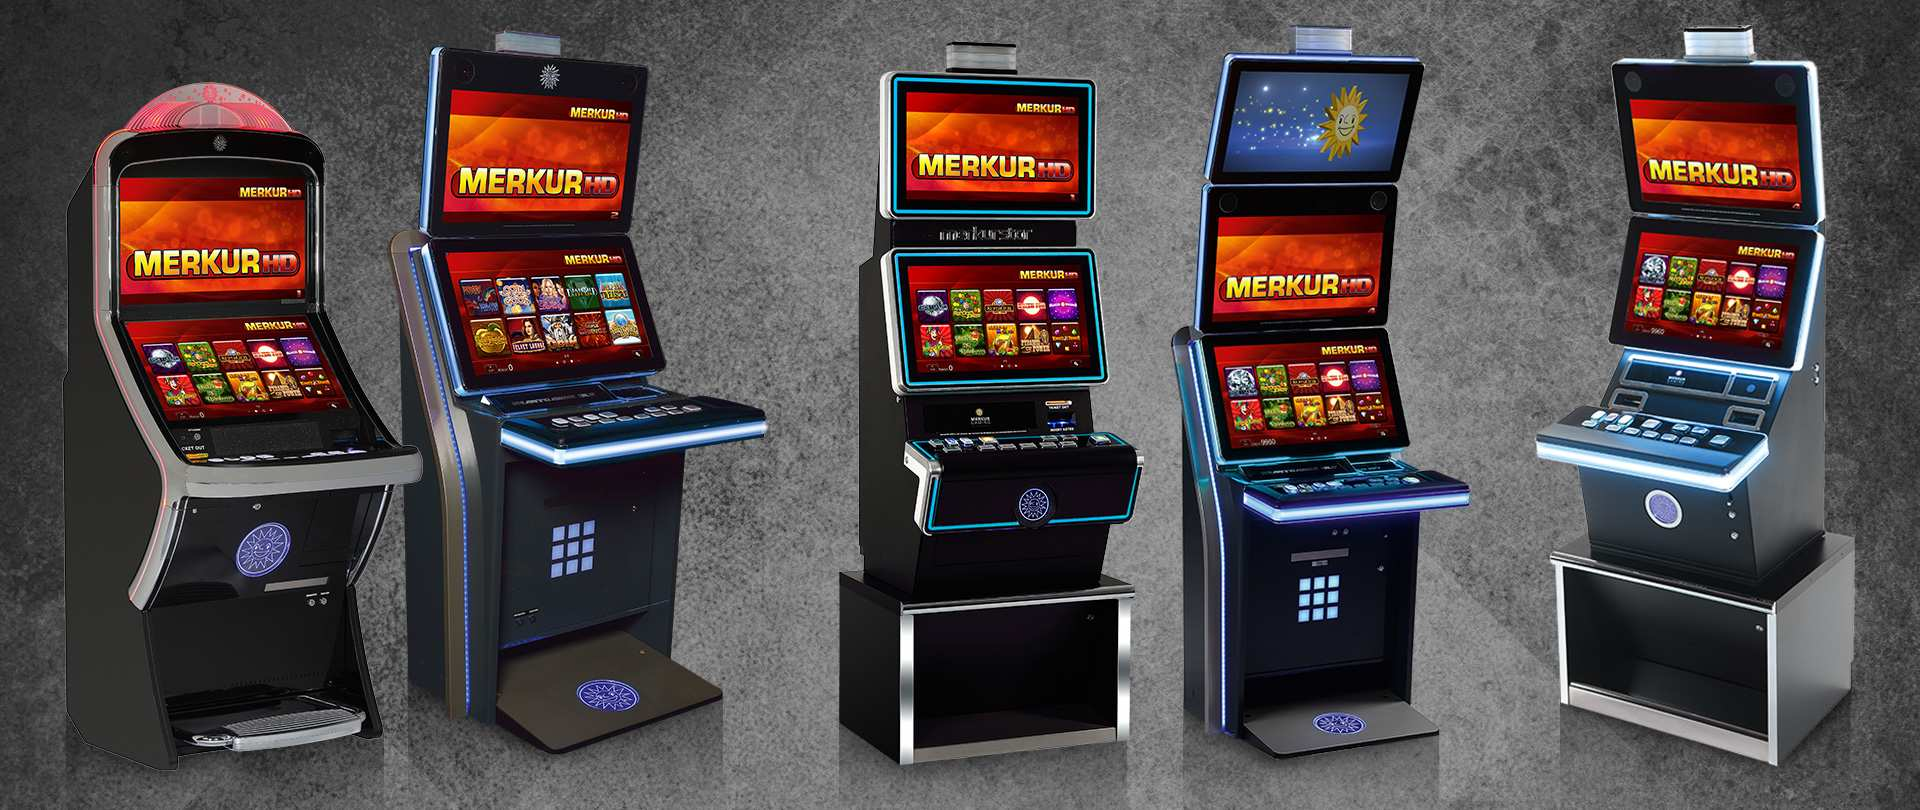 Merkur Magie Automaten Kaufen